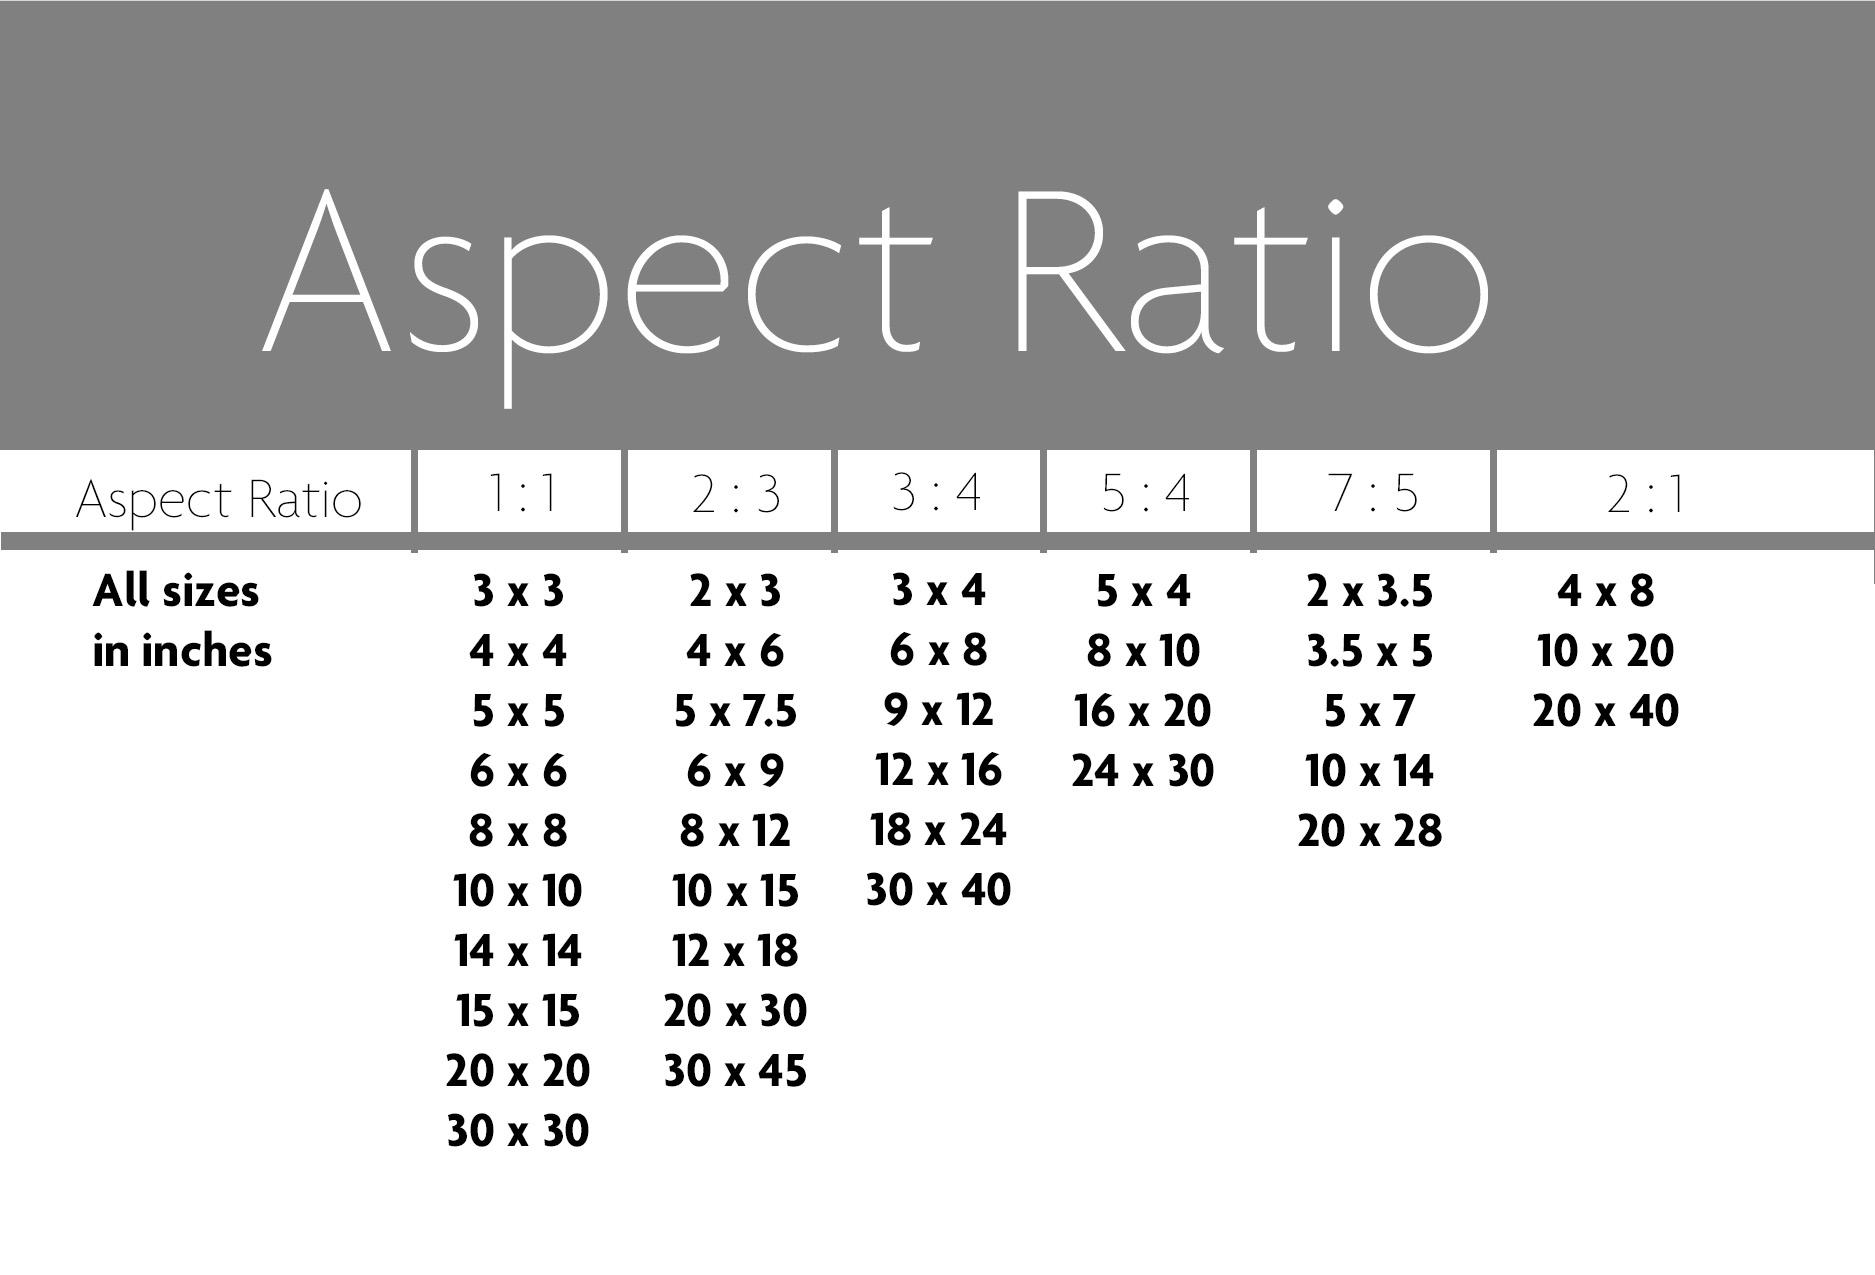 Aspect Ratio Rgbdigital Com Au